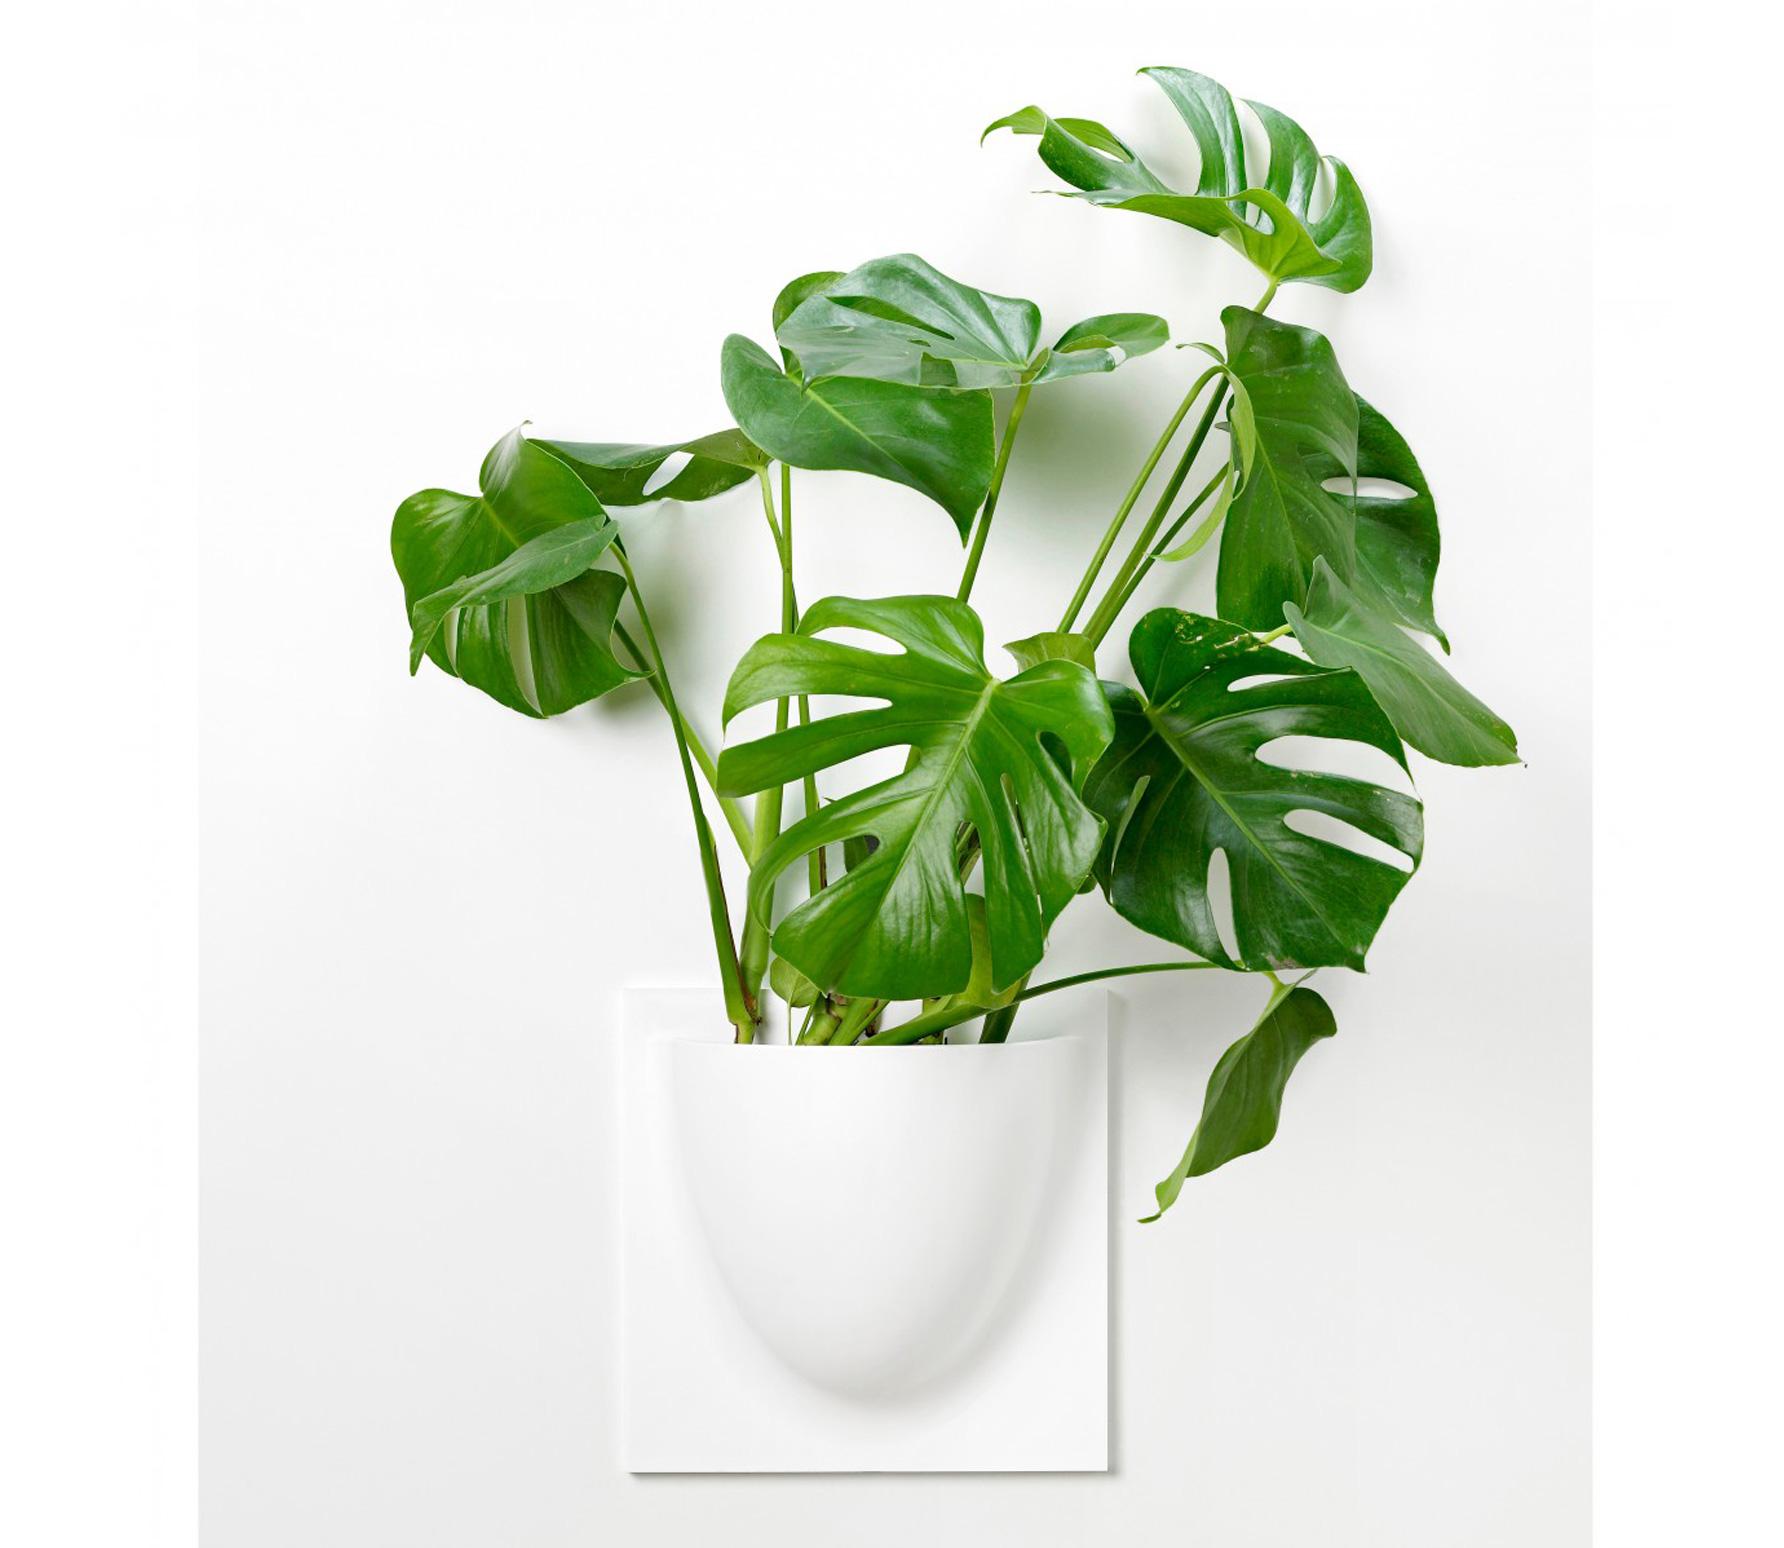 Favoriete ▷ Kunststof plantenbak kopen